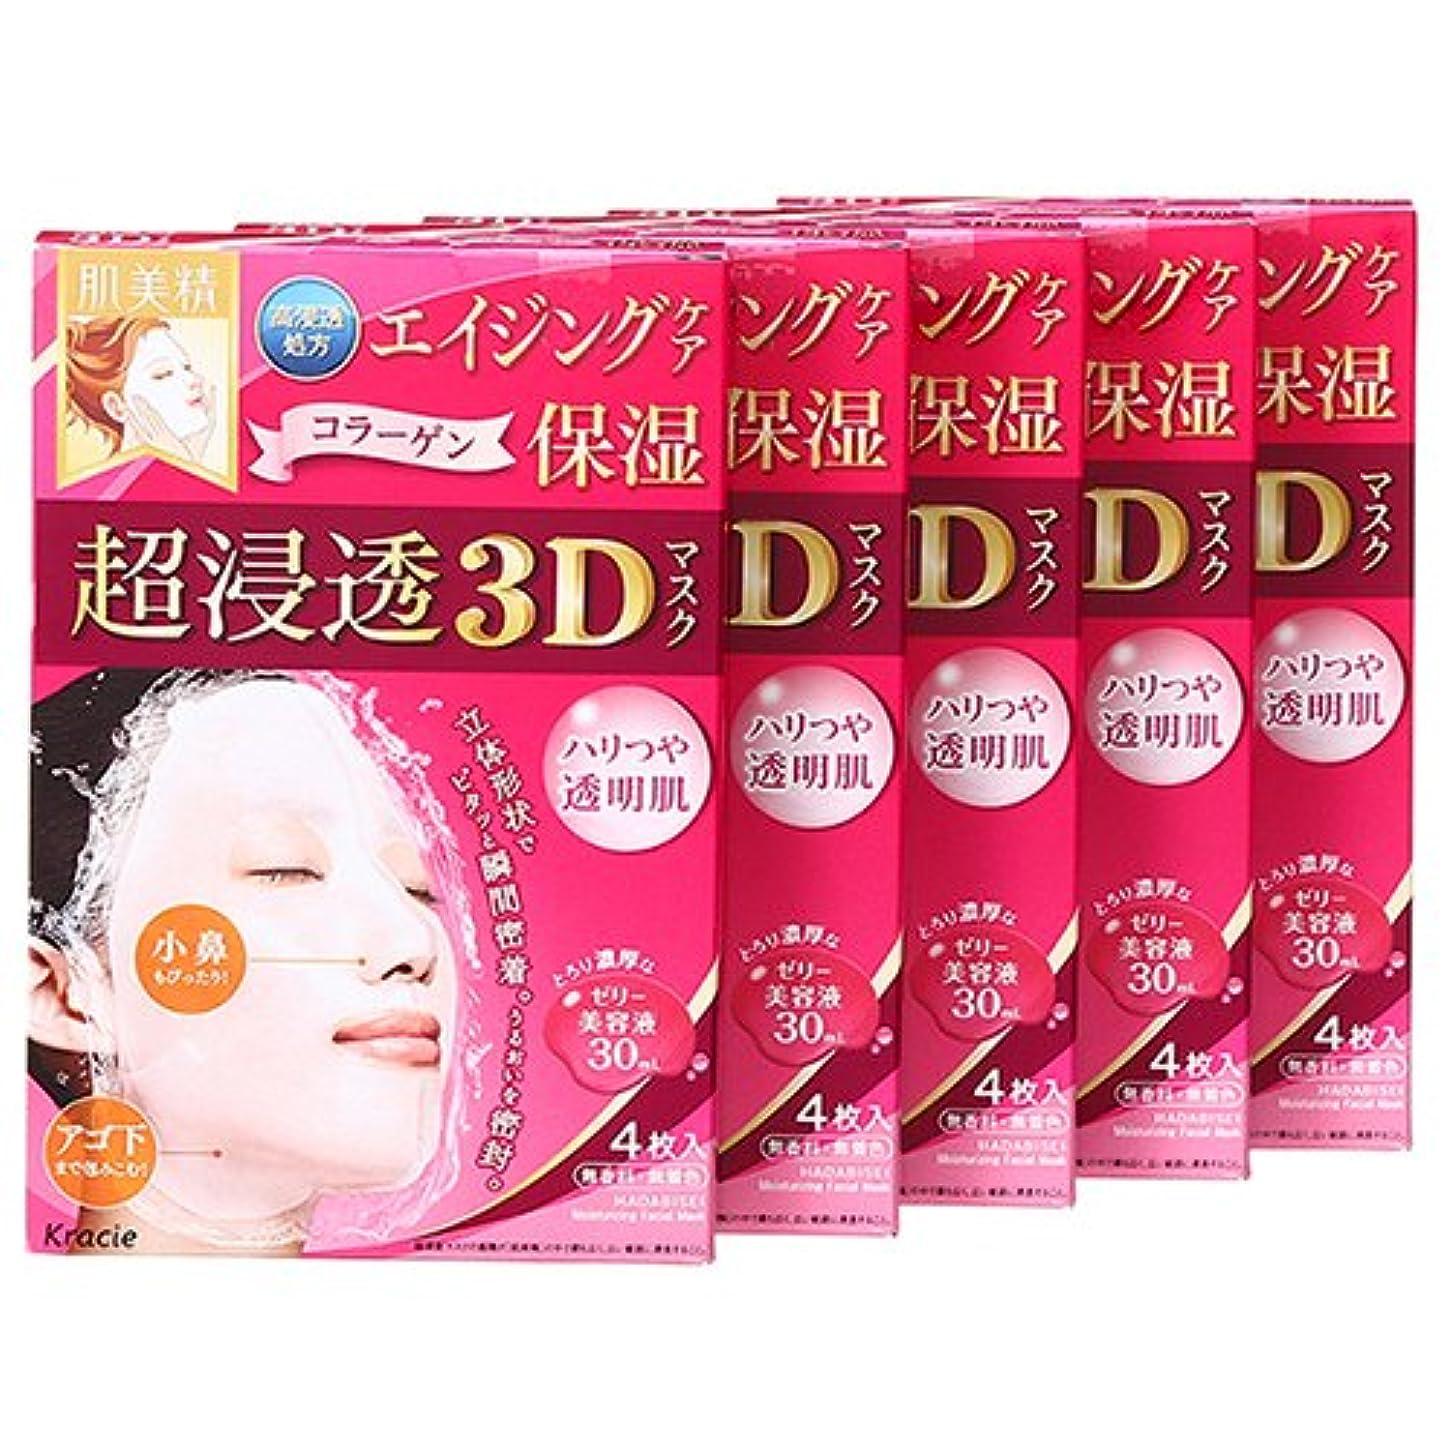 ダニいまコピークラシエホームプロダクツ 肌美精 超浸透3Dマスク エイジングケア(保湿) 4枚入 (美容液30mL/1枚) 5点セット [並行輸入品]